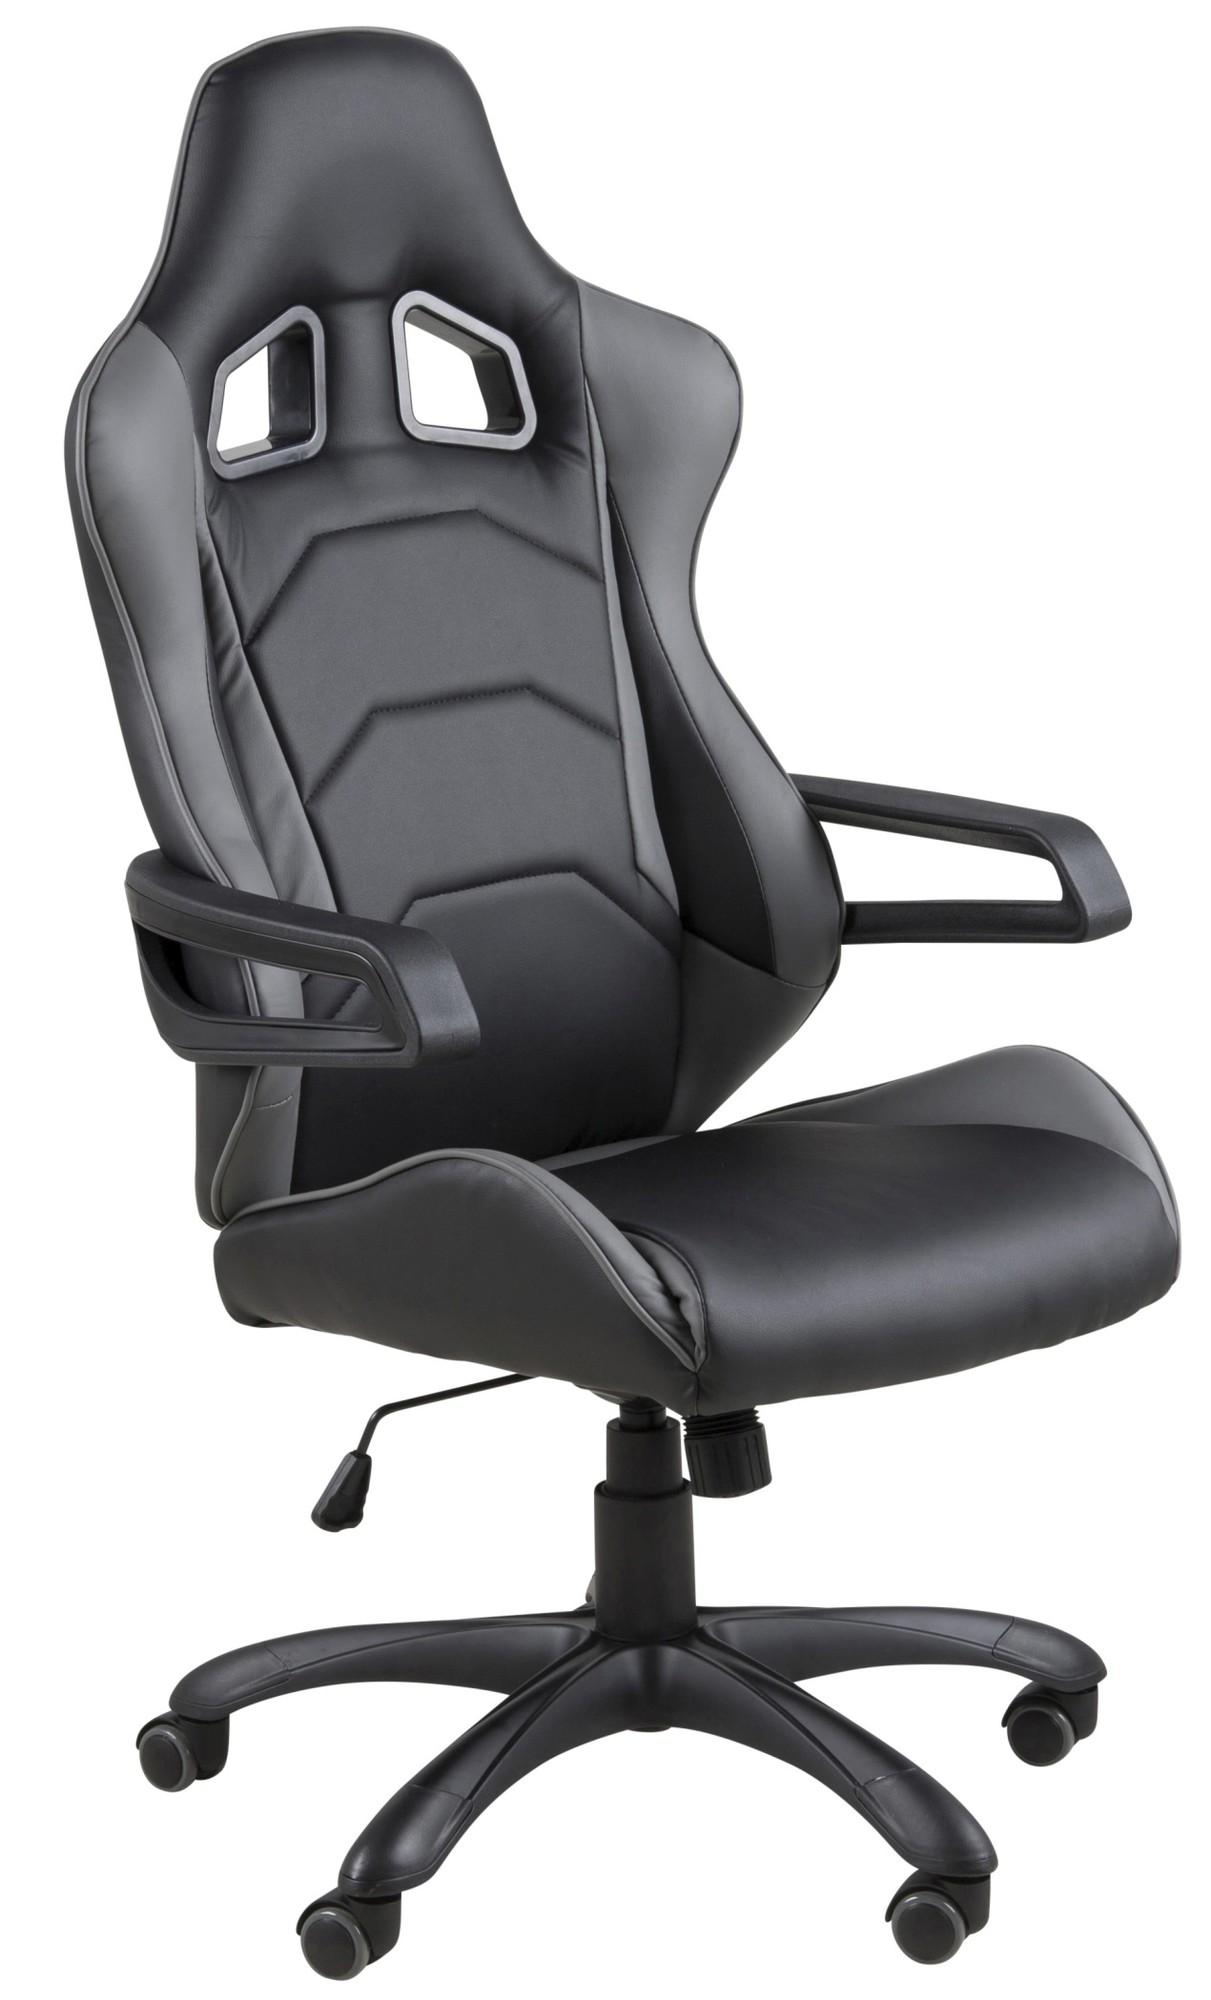 game bureaustoel racer sport zwart grijs hjh office in de